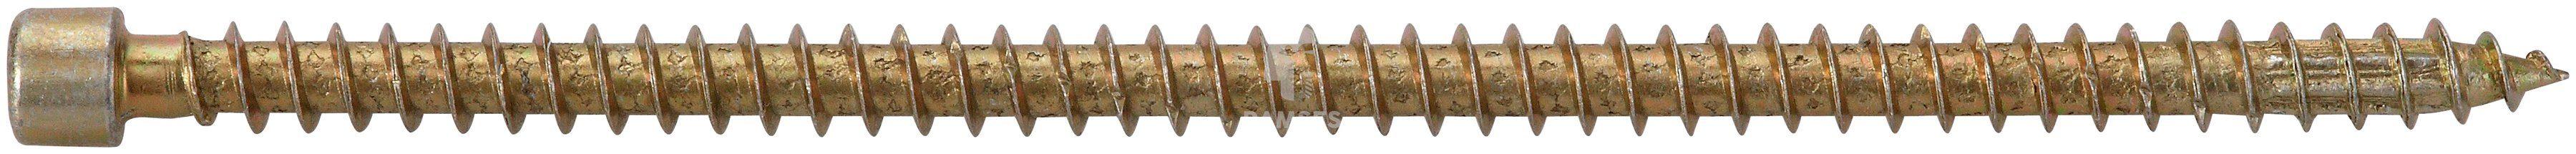 RAMSES Schrauben , Holzbauschraube 8 x 350 mm 20 Stk.